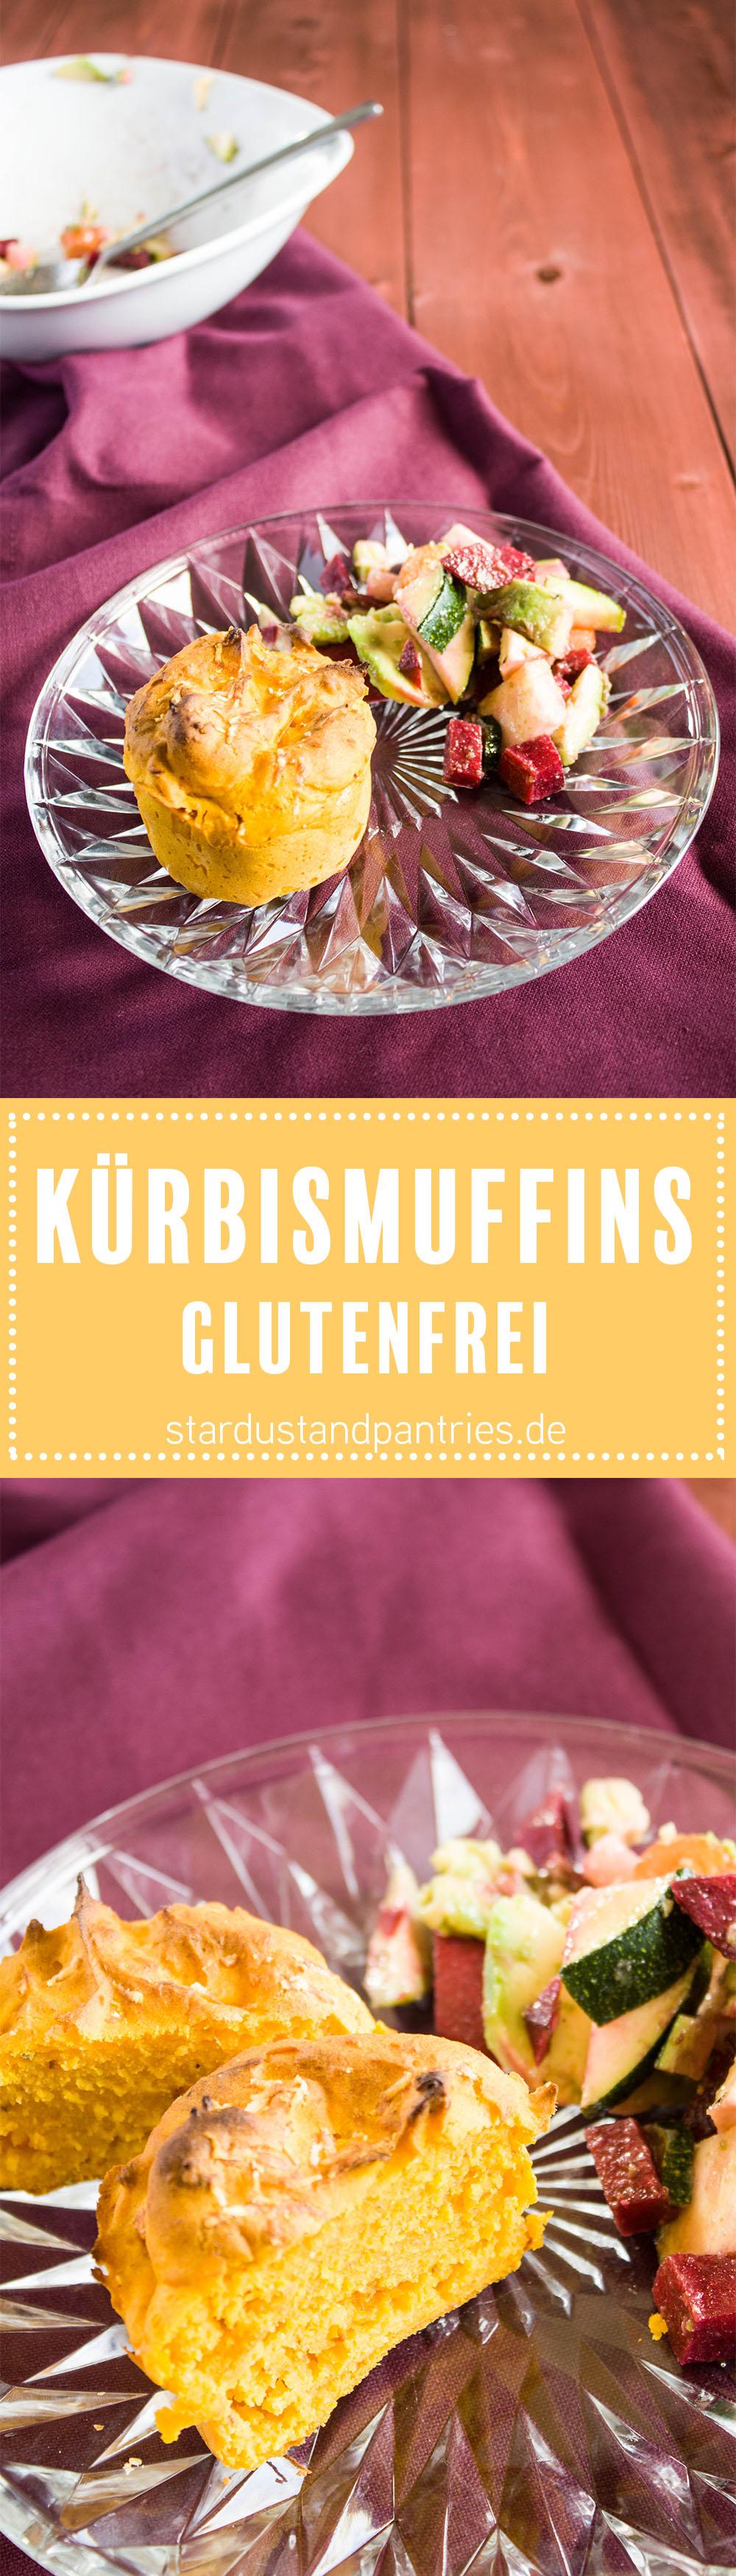 Leckere Rosmarin Parmesan Kürbis Muffins! Farbenfrohe Beilage zur Suppe oder zum Salat! Rezeptkarte zum Herunterladen auf stardustandpantries.de!